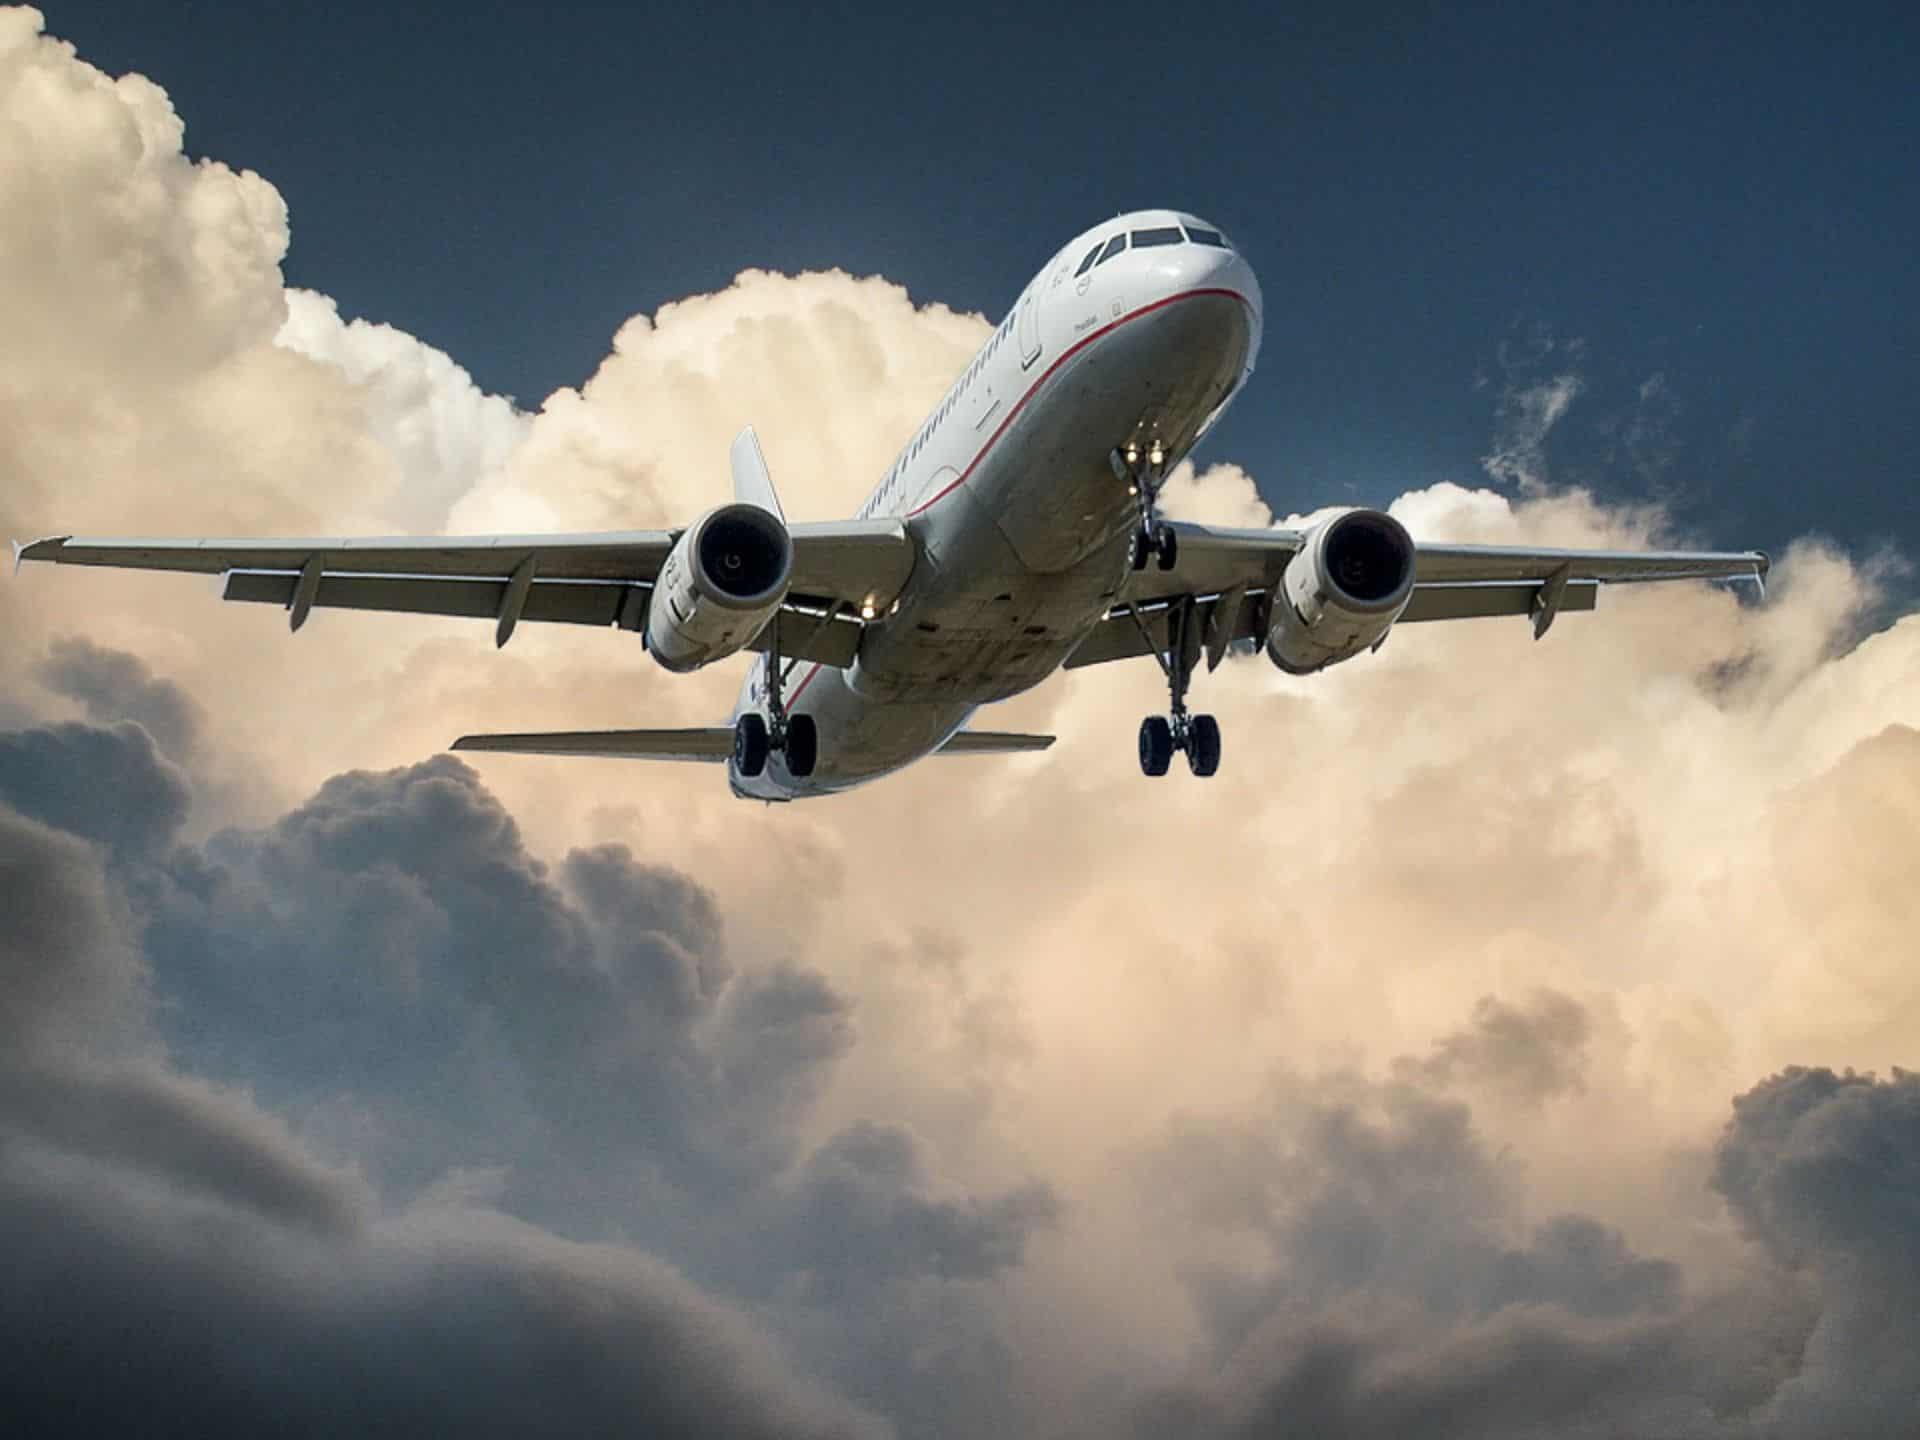 perder el miedo a volar - Cómo perder el miedo a volar